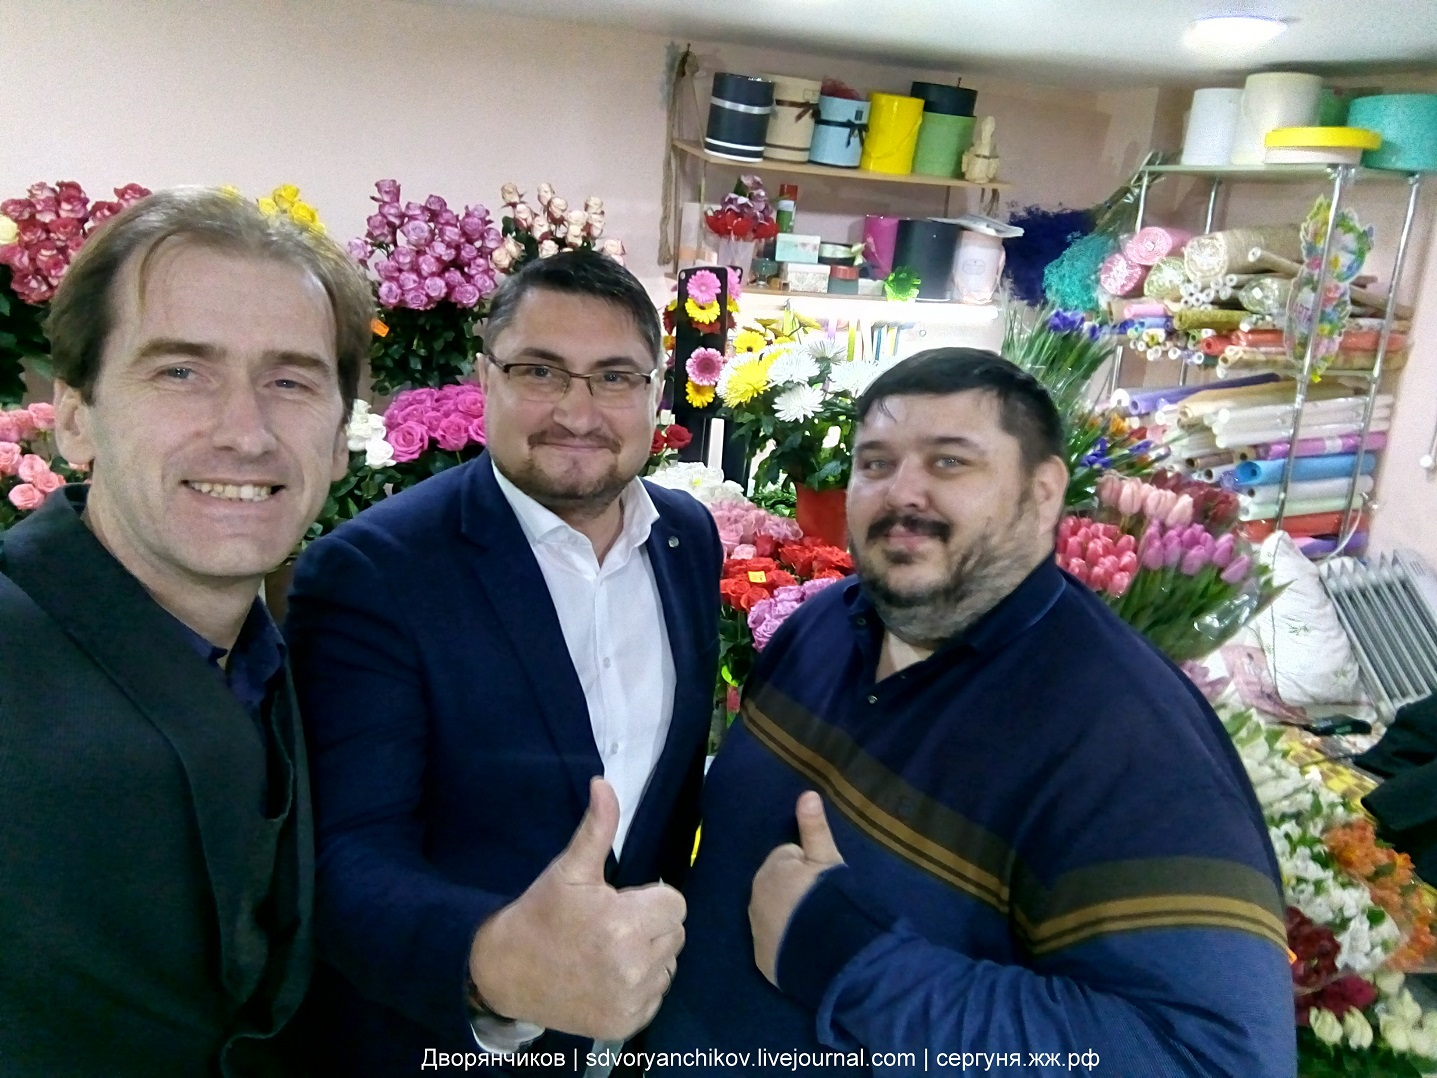 Дворянчиков Барахтенко Ульянов